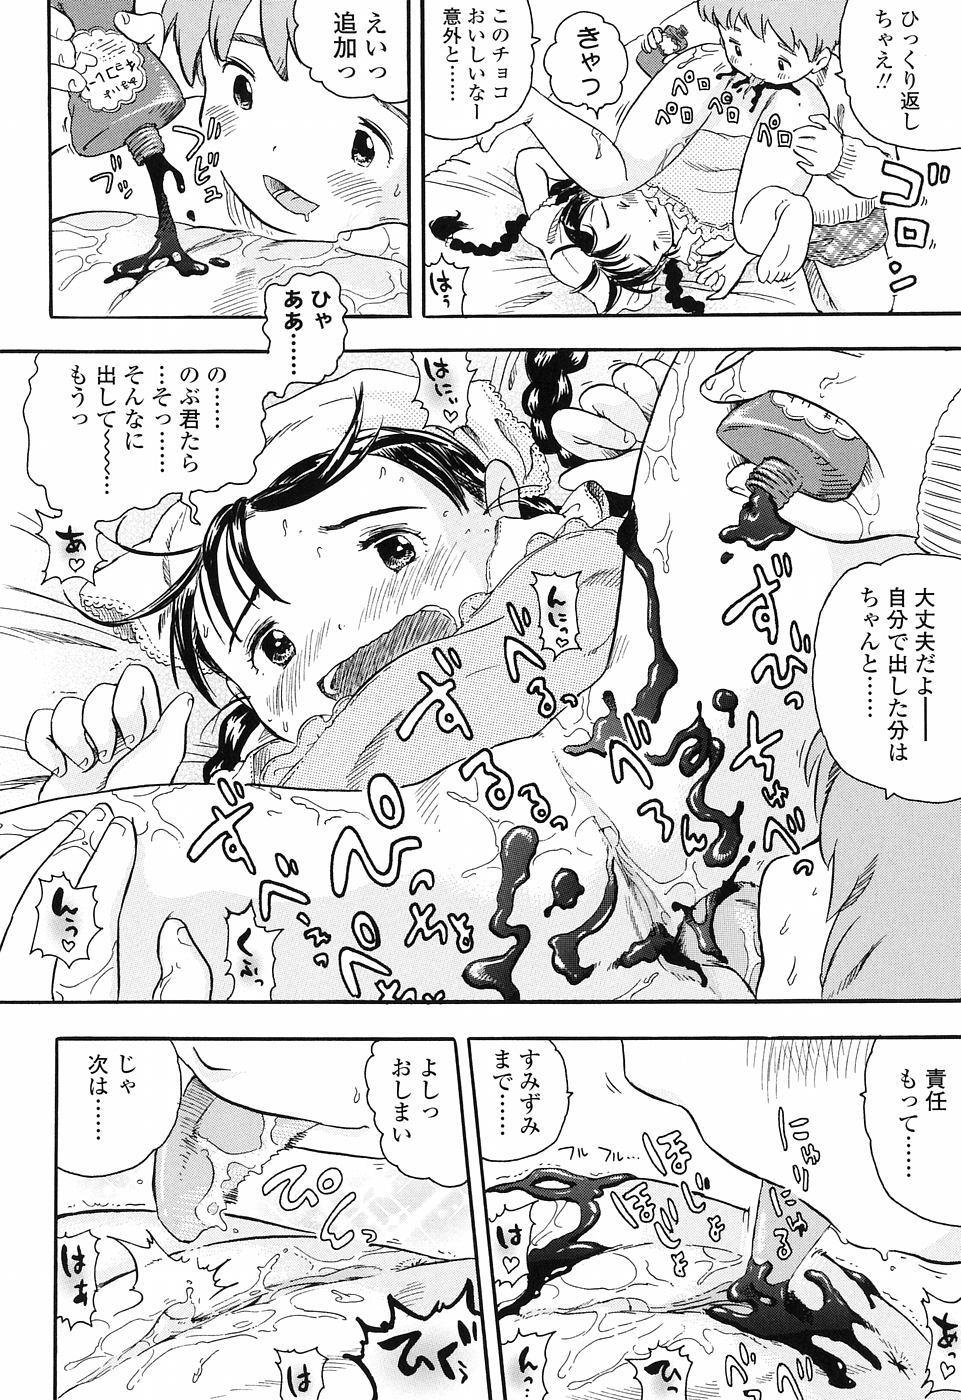 Koisuru Fukurami 113